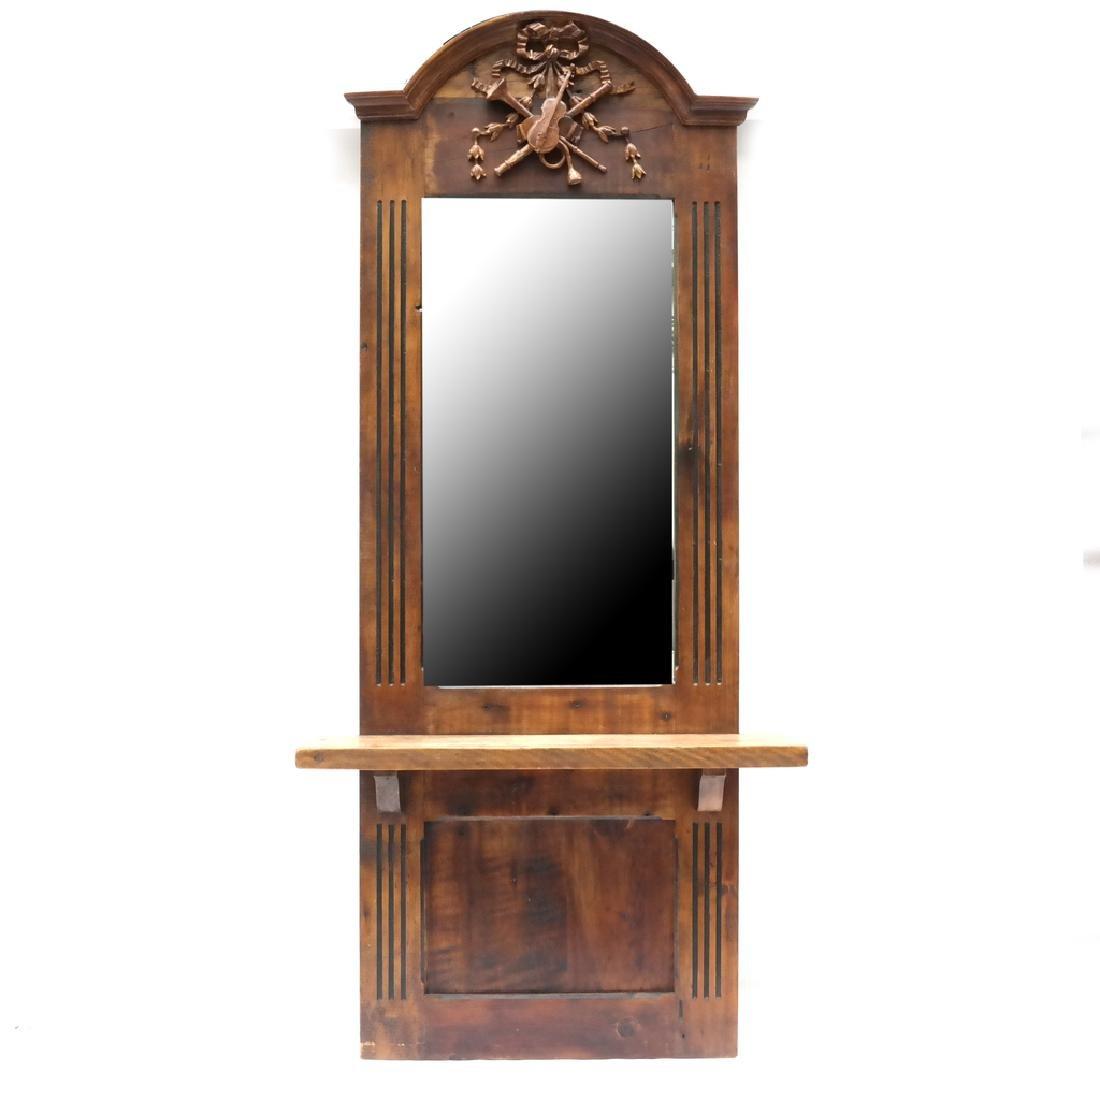 Oak Pier-Style Mirror